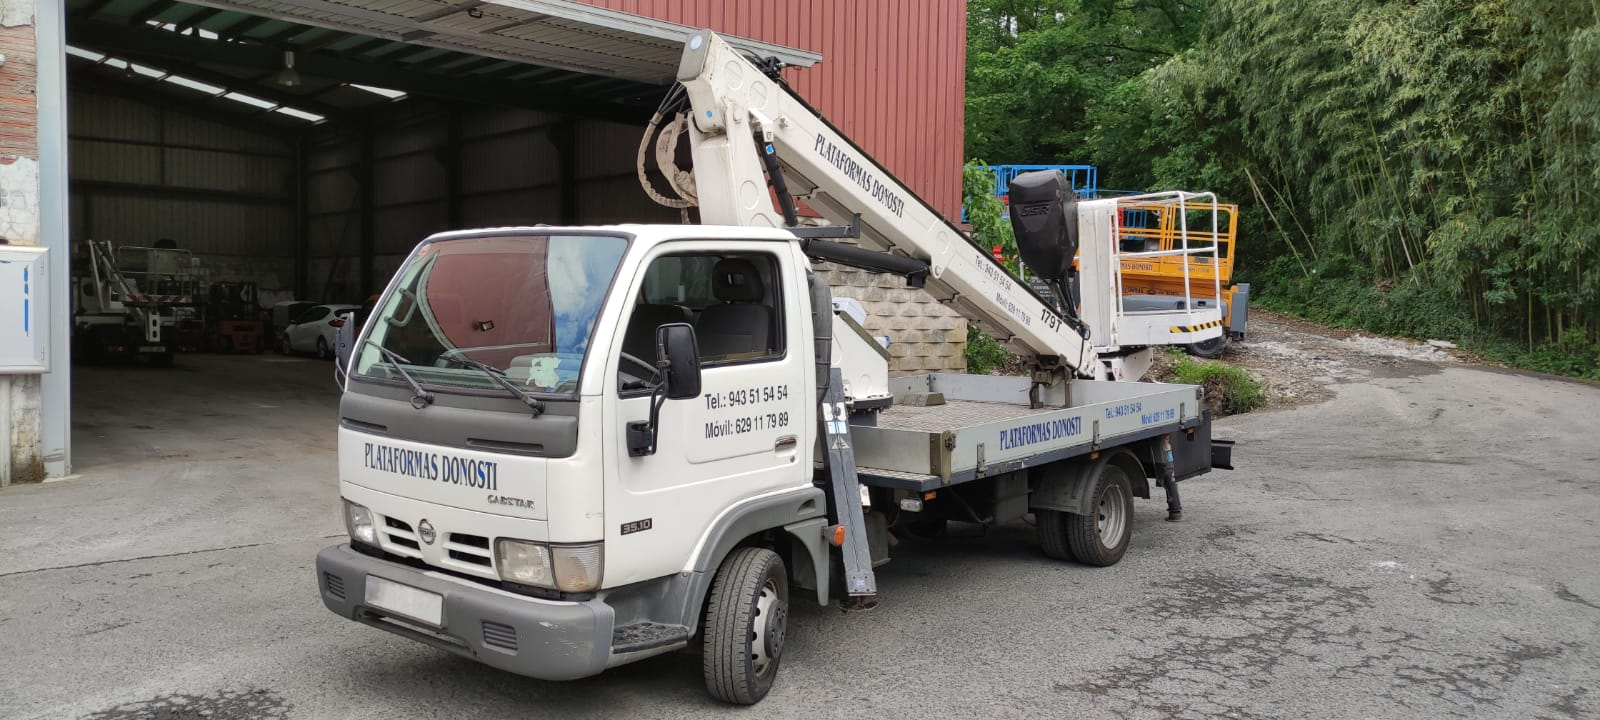 Camiones cesta de hasta 17 metros de altura en Donostia